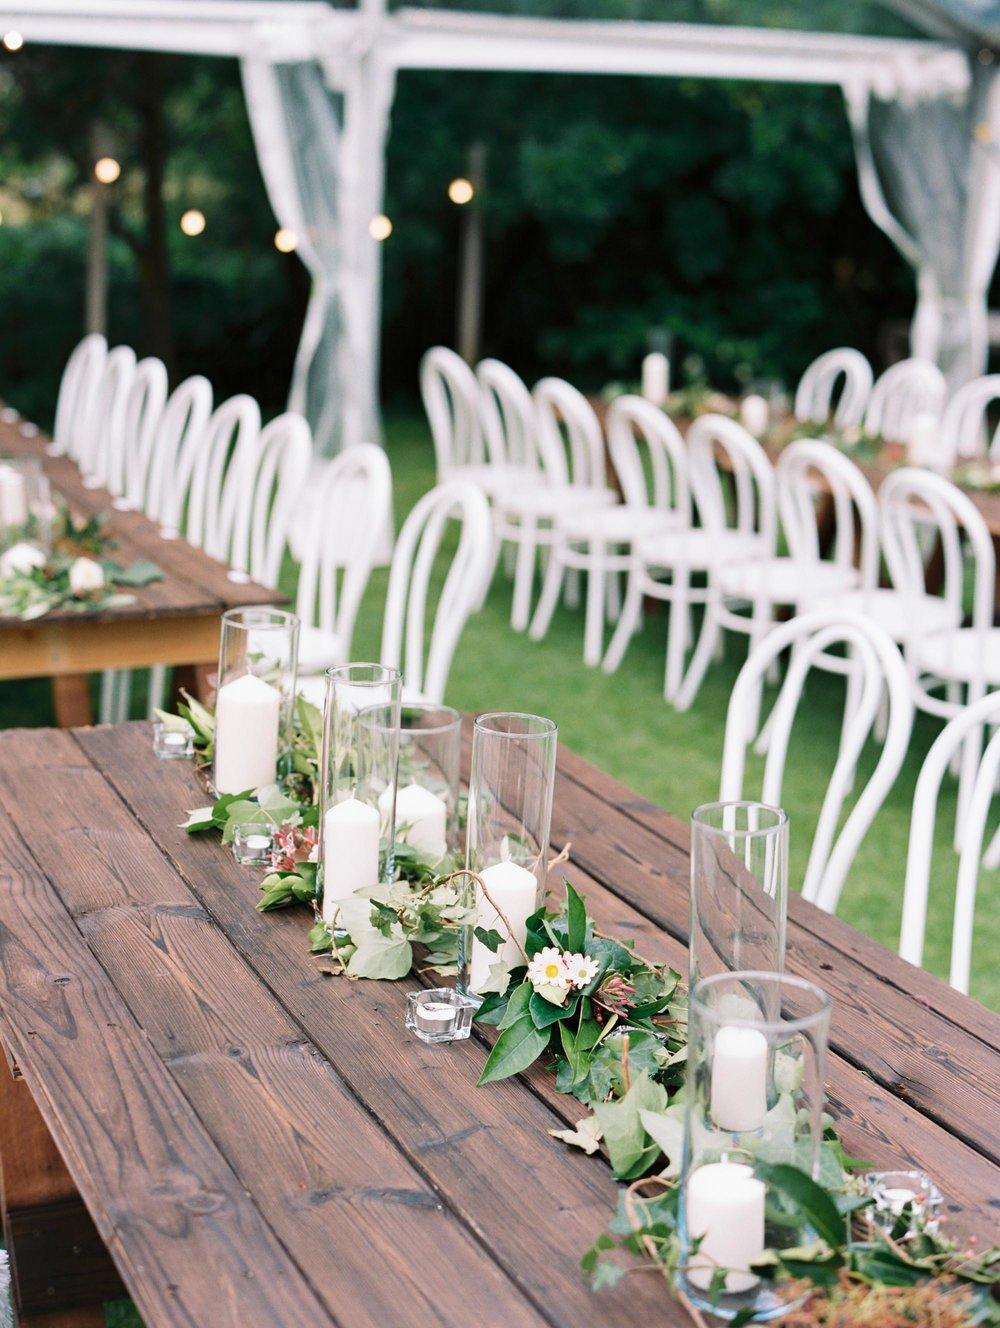 Whitehouse-hahndorf-wedding-photography-090.jpg